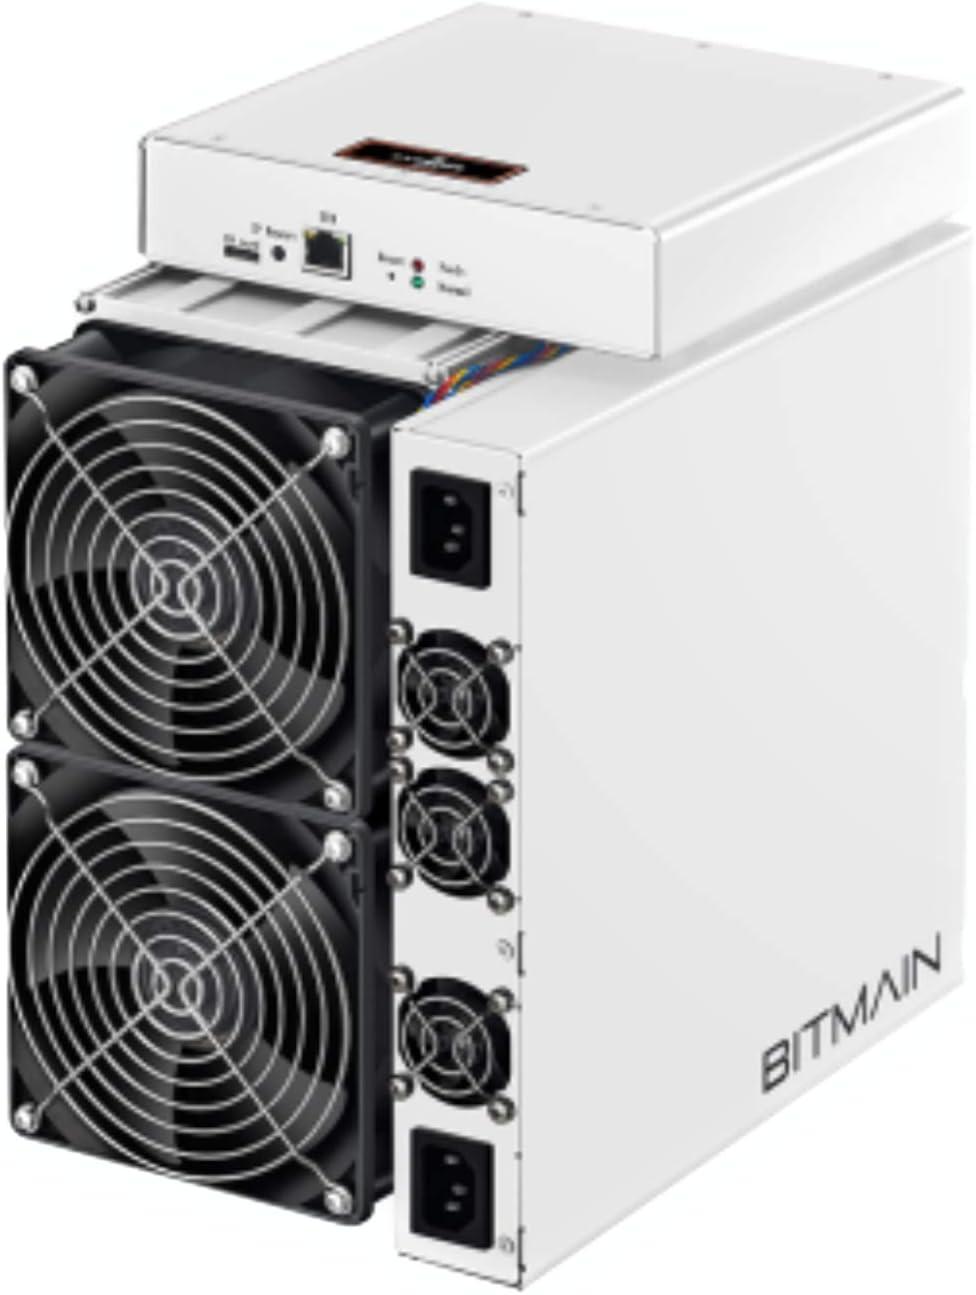 acquistare antminer con bitcoin)